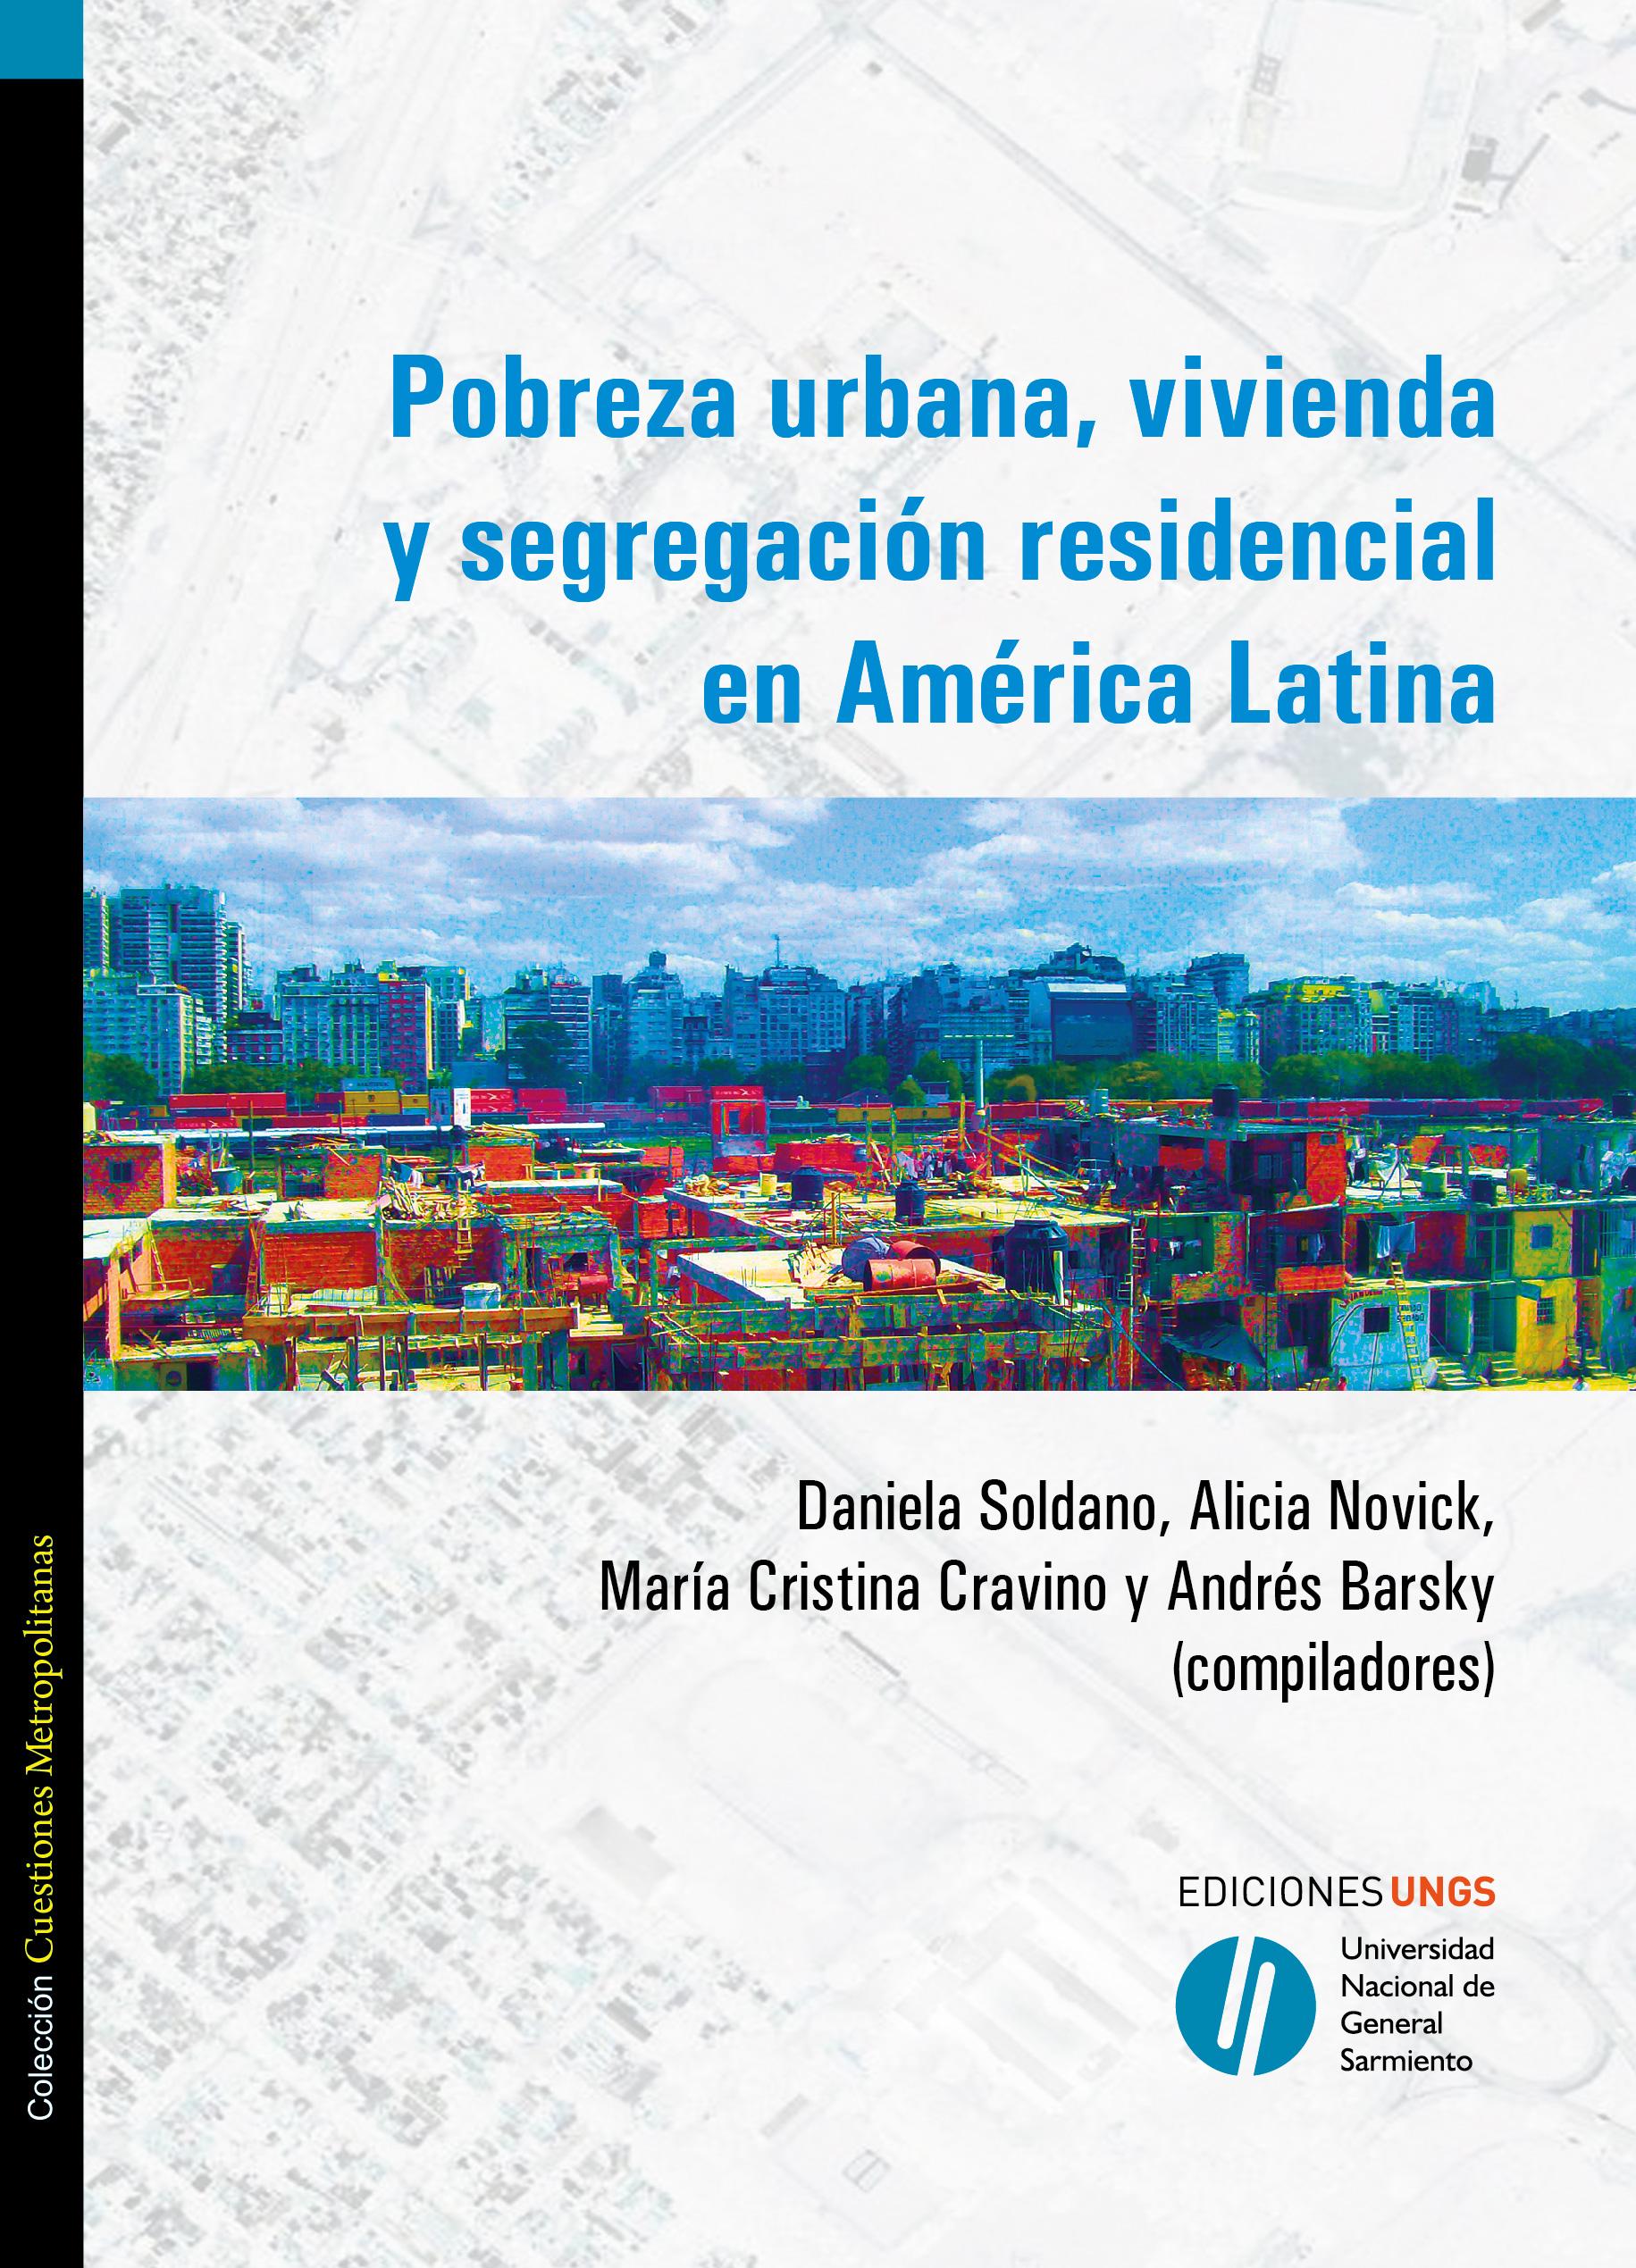 Pobreza urbana, vivienda y segregación residencial en América Latina